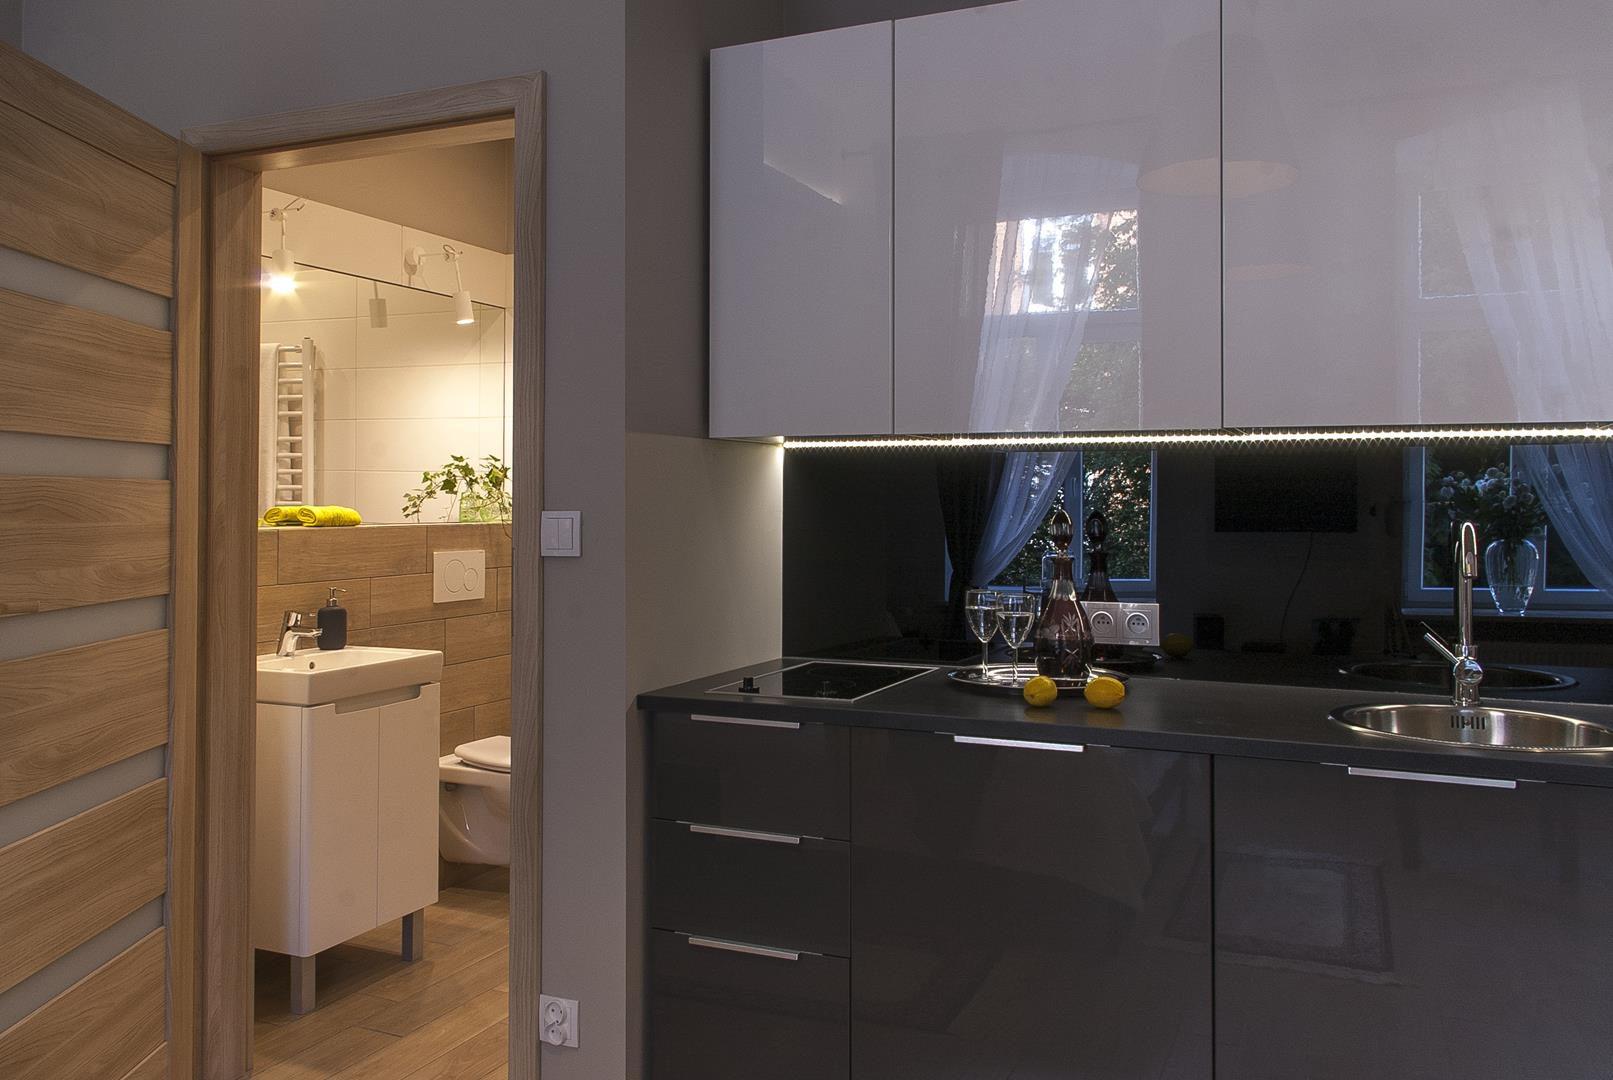 apartament z kuchnią na wynajem w częstochowie